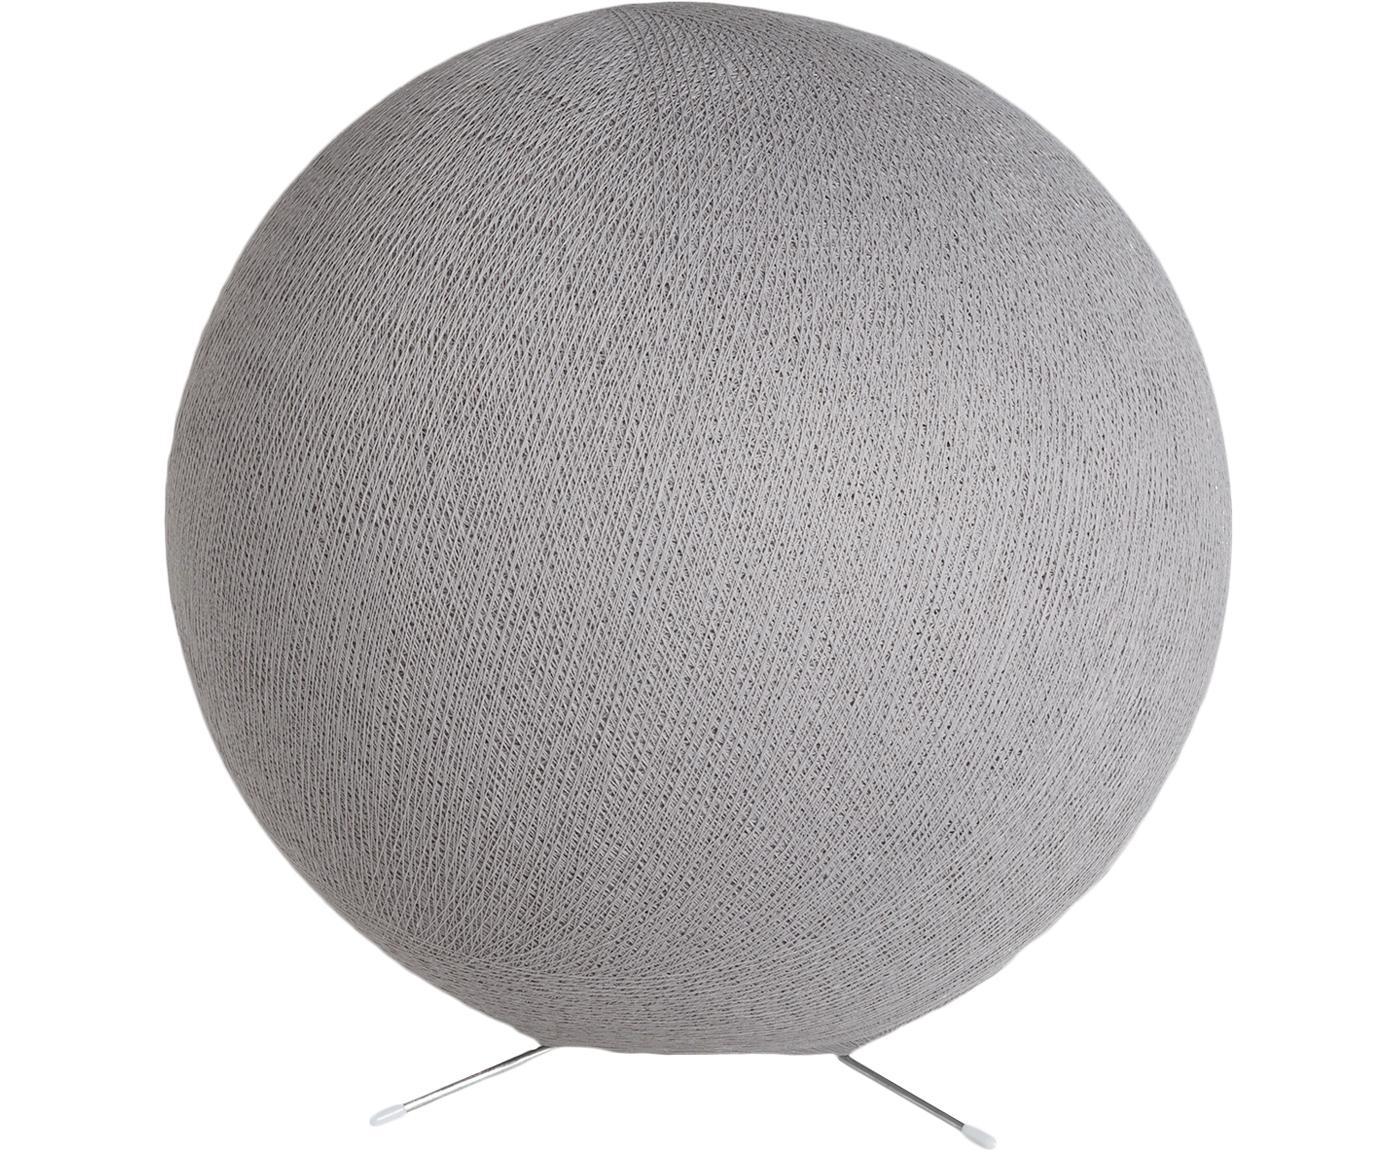 Lampada da tavolo Colorain, Grigio pietra, Ø 36 cm